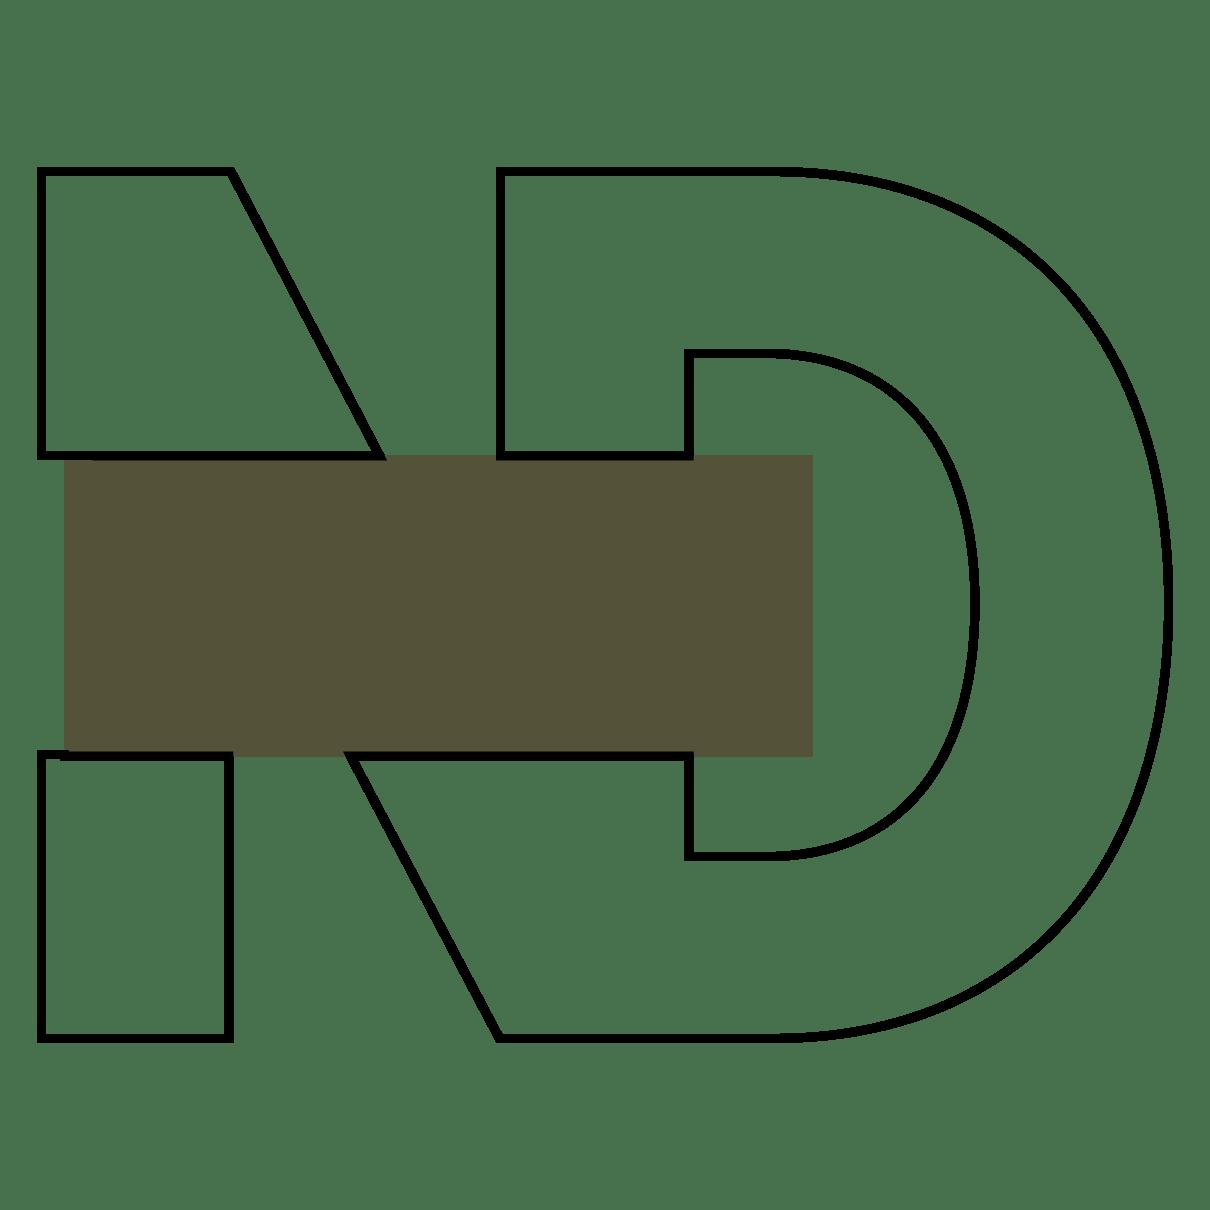 NEO DESIGN – Décoratrice UFDI 34